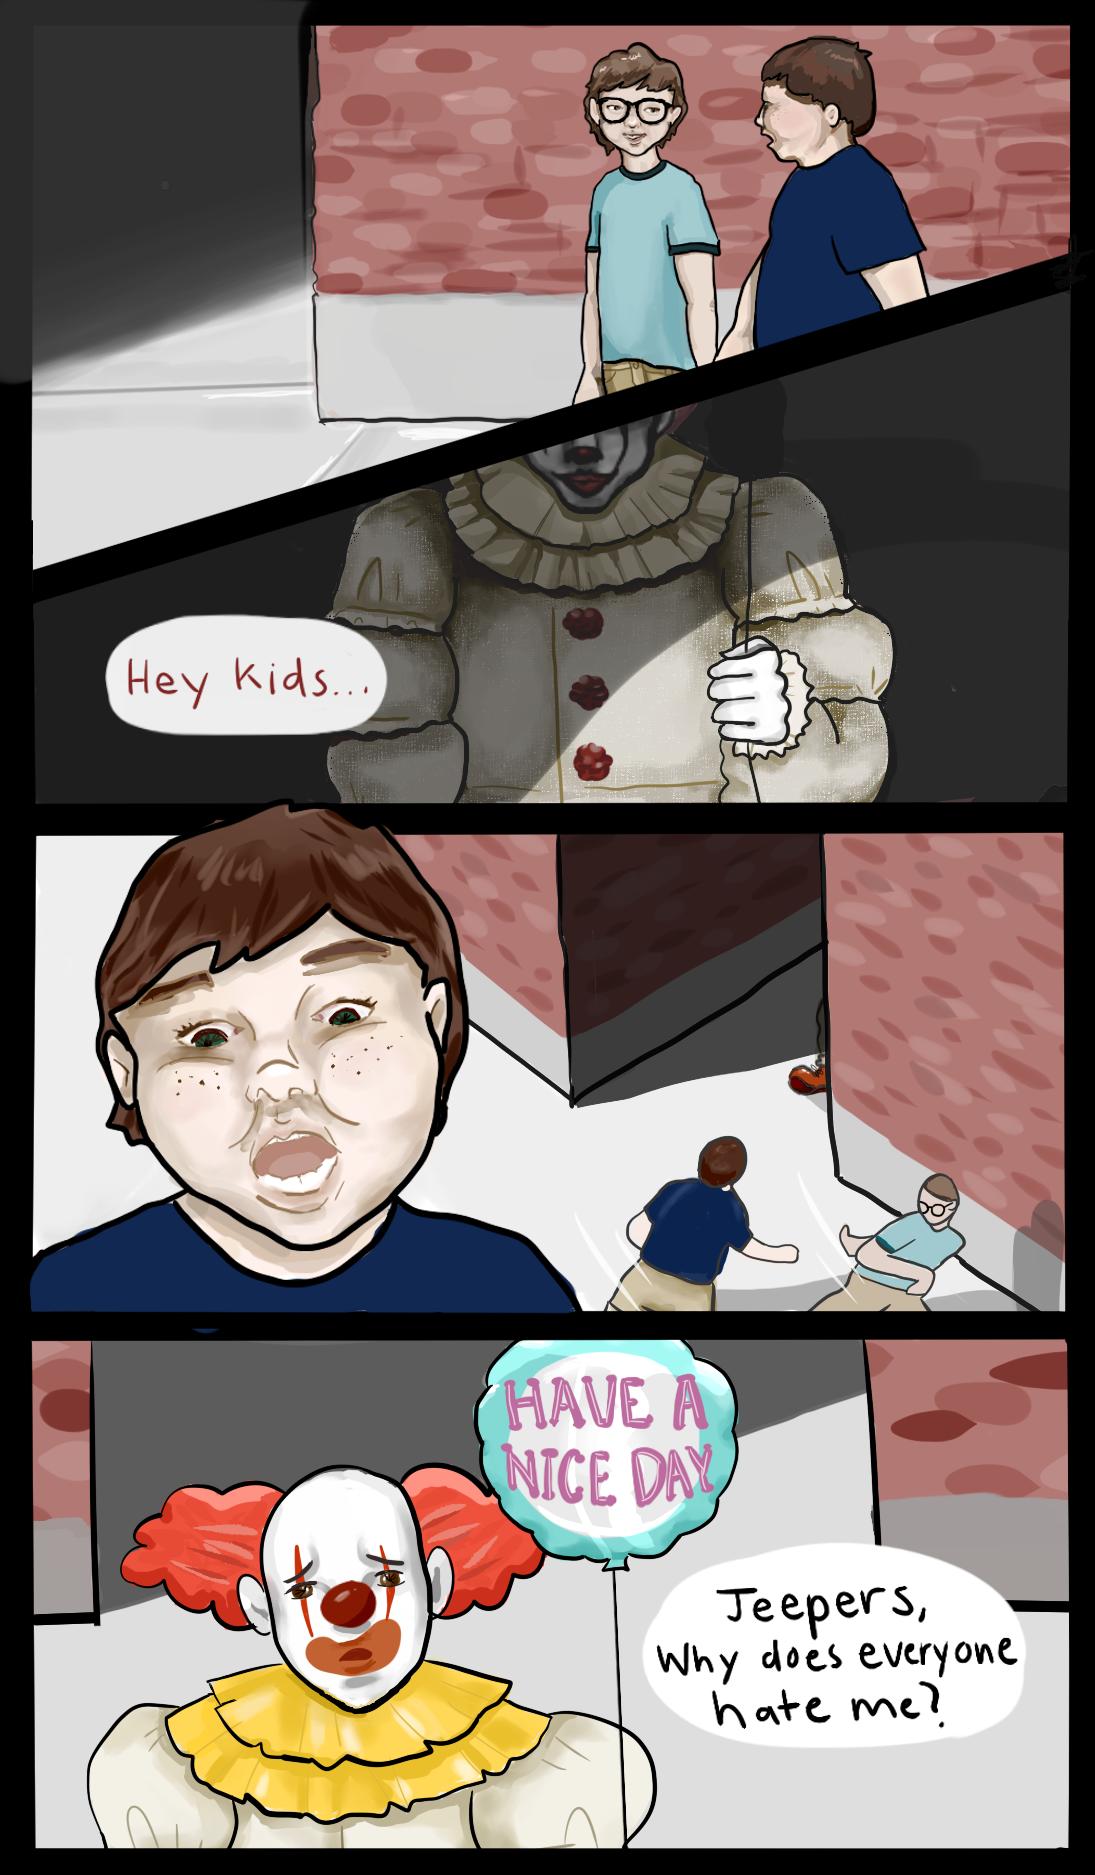 Poor clowns